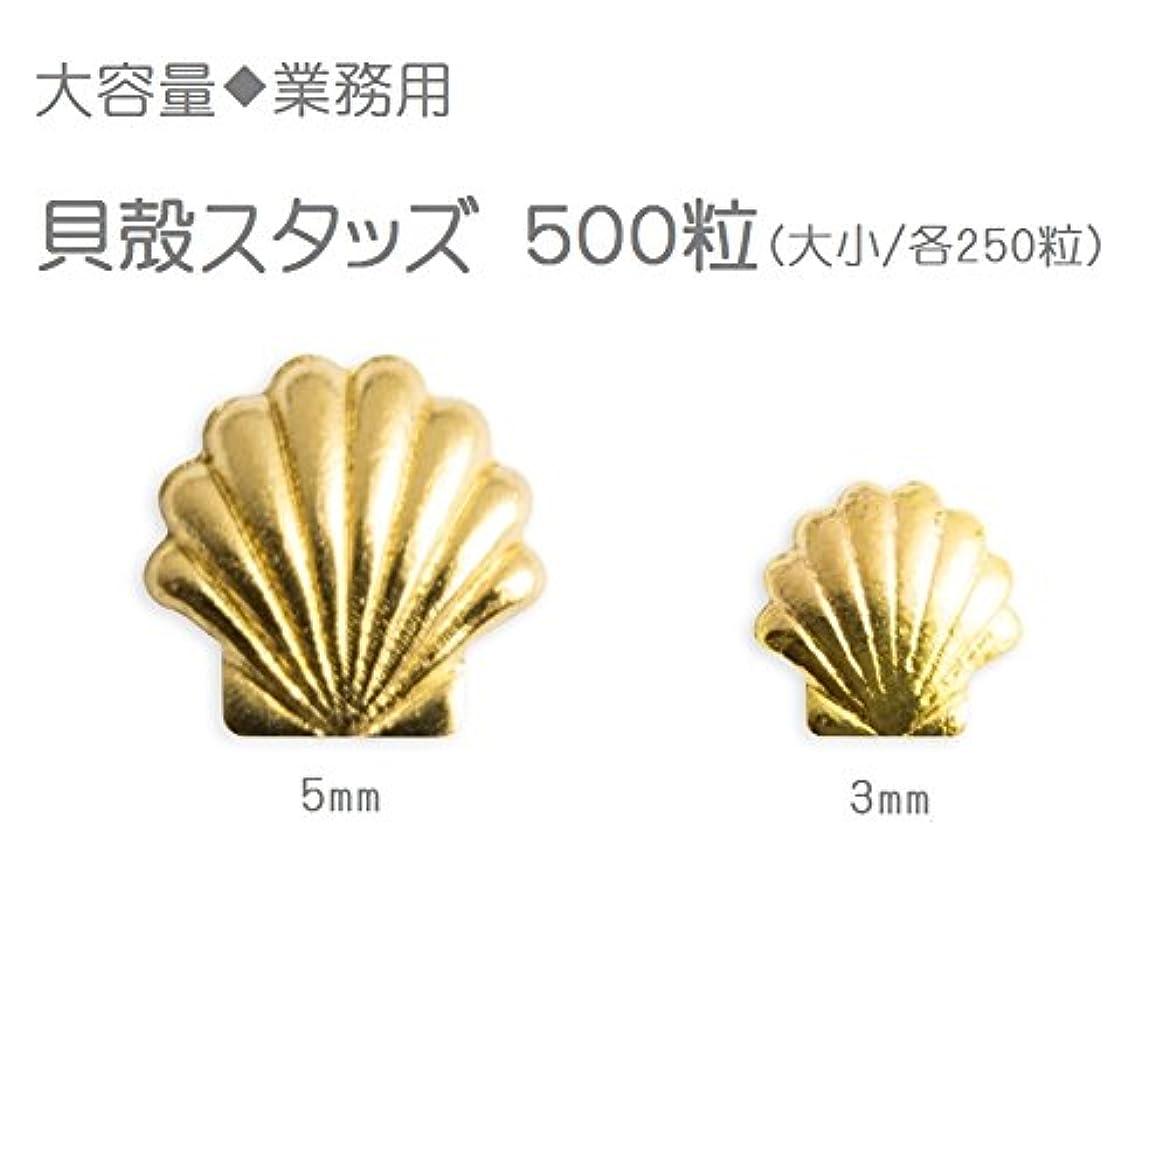 歩くチート奇妙な大容量◆貝殻スタッズ?ゴールド500粒(大.小/各250粒)